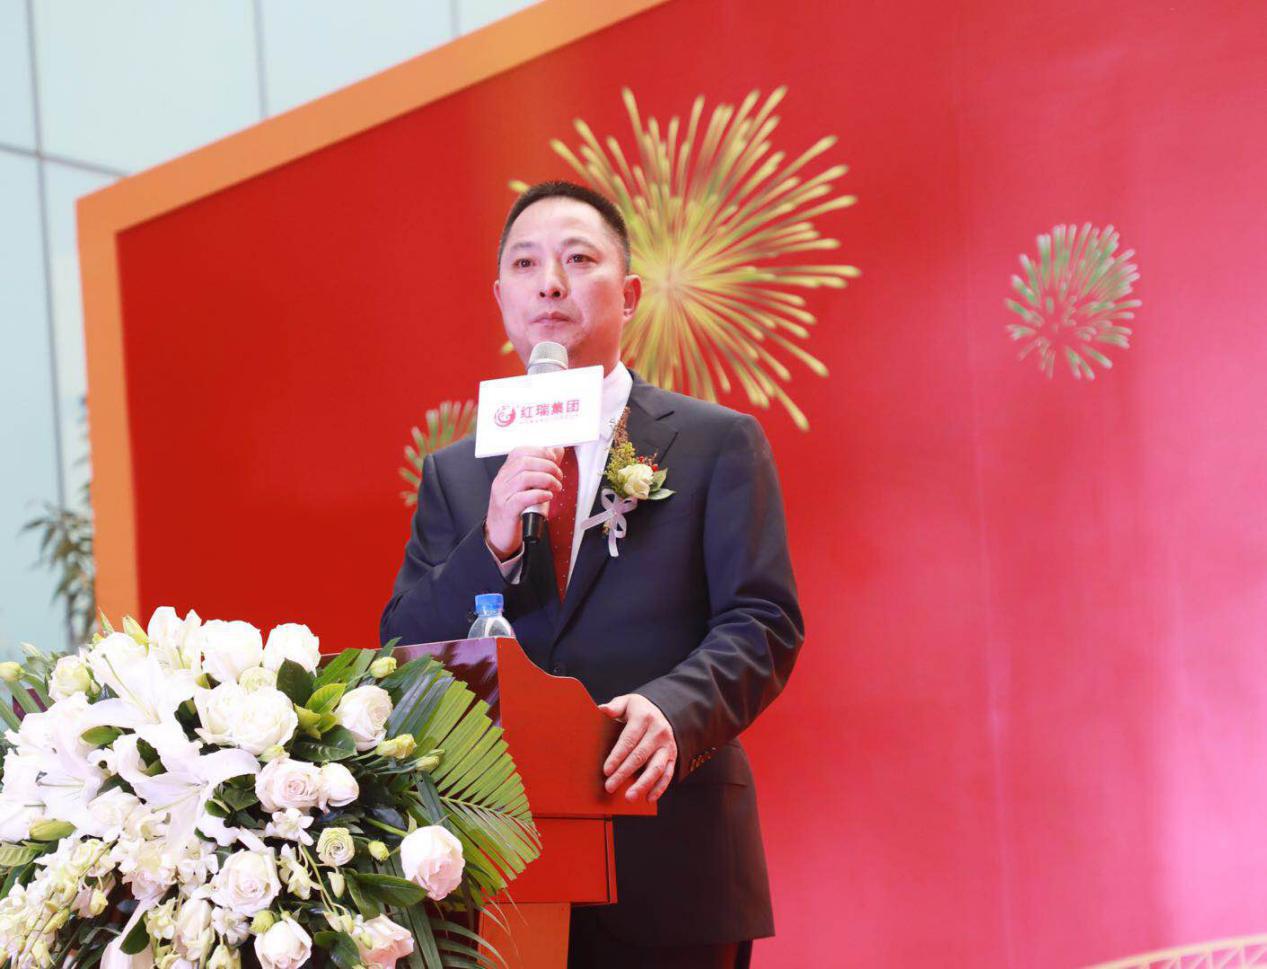 红瑞集团唐益:加速产业链升级,迎接大健康时代